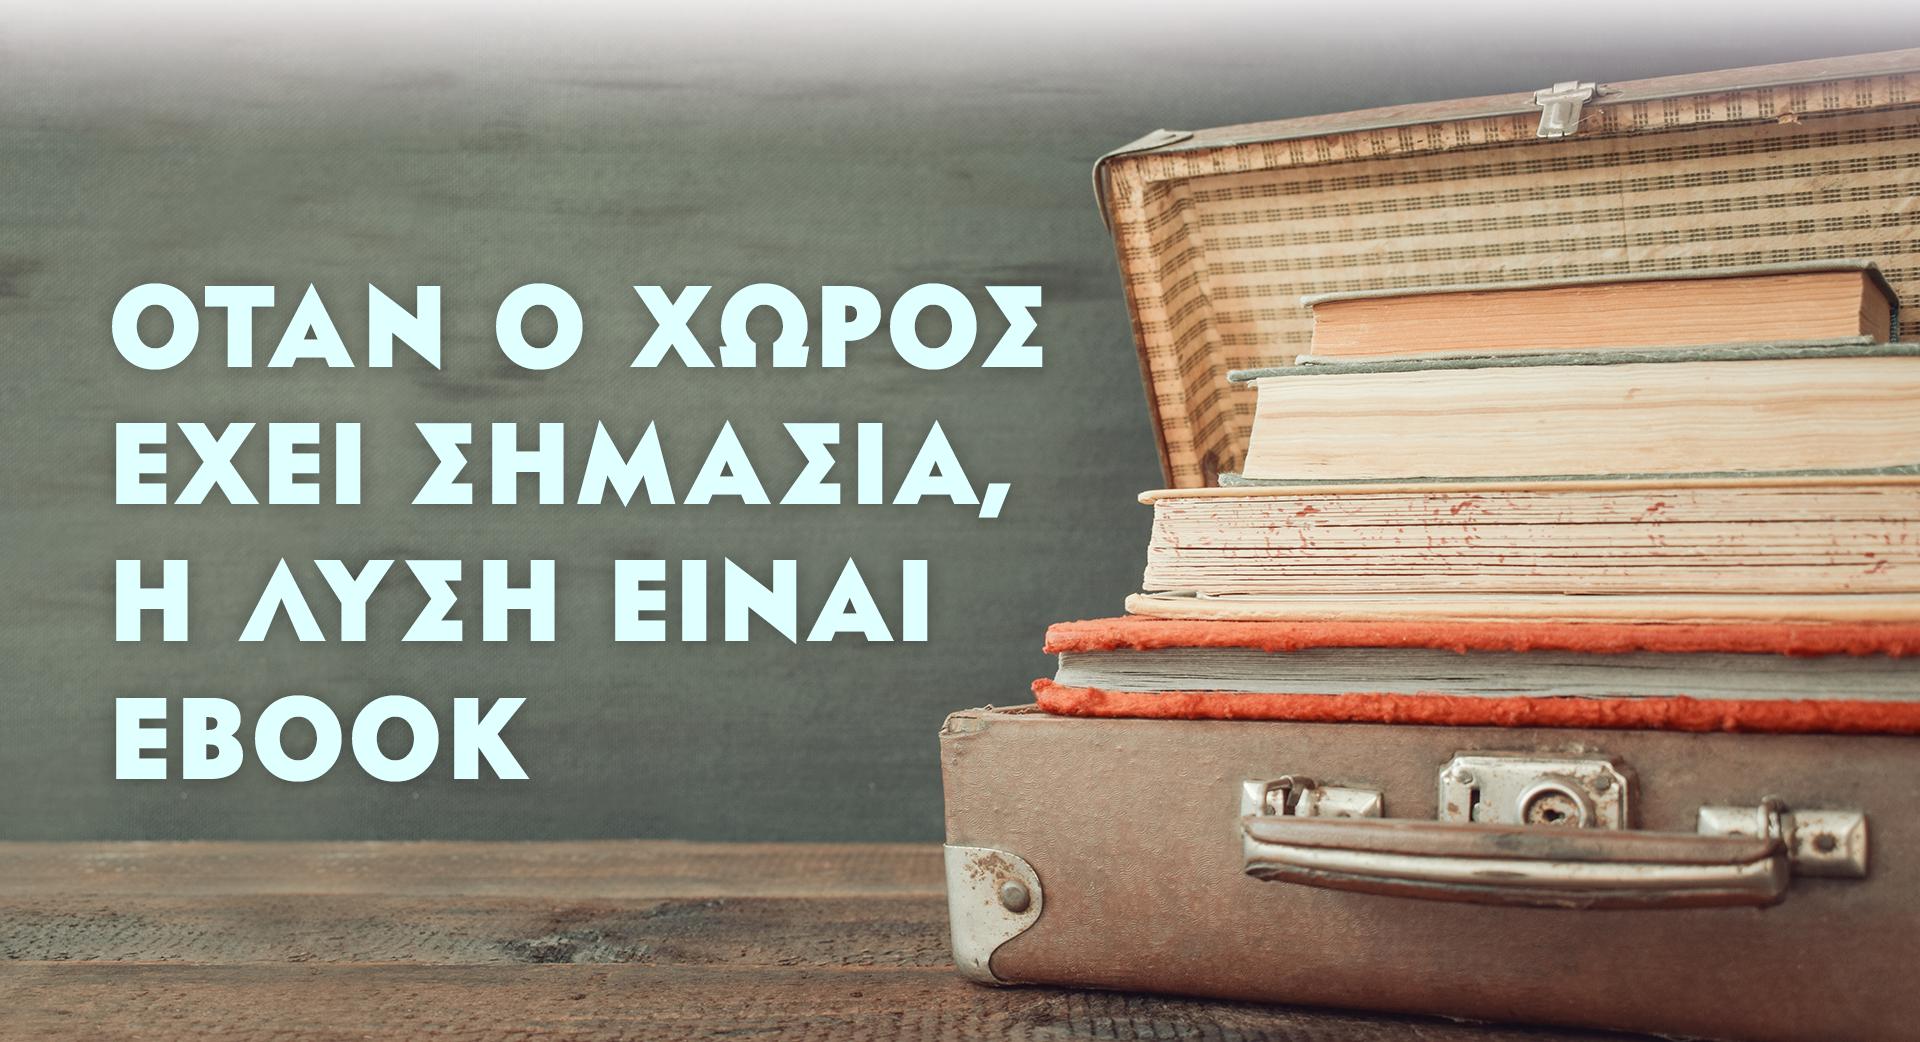 12 ebooks kalokairi 1920x1042 wgradient